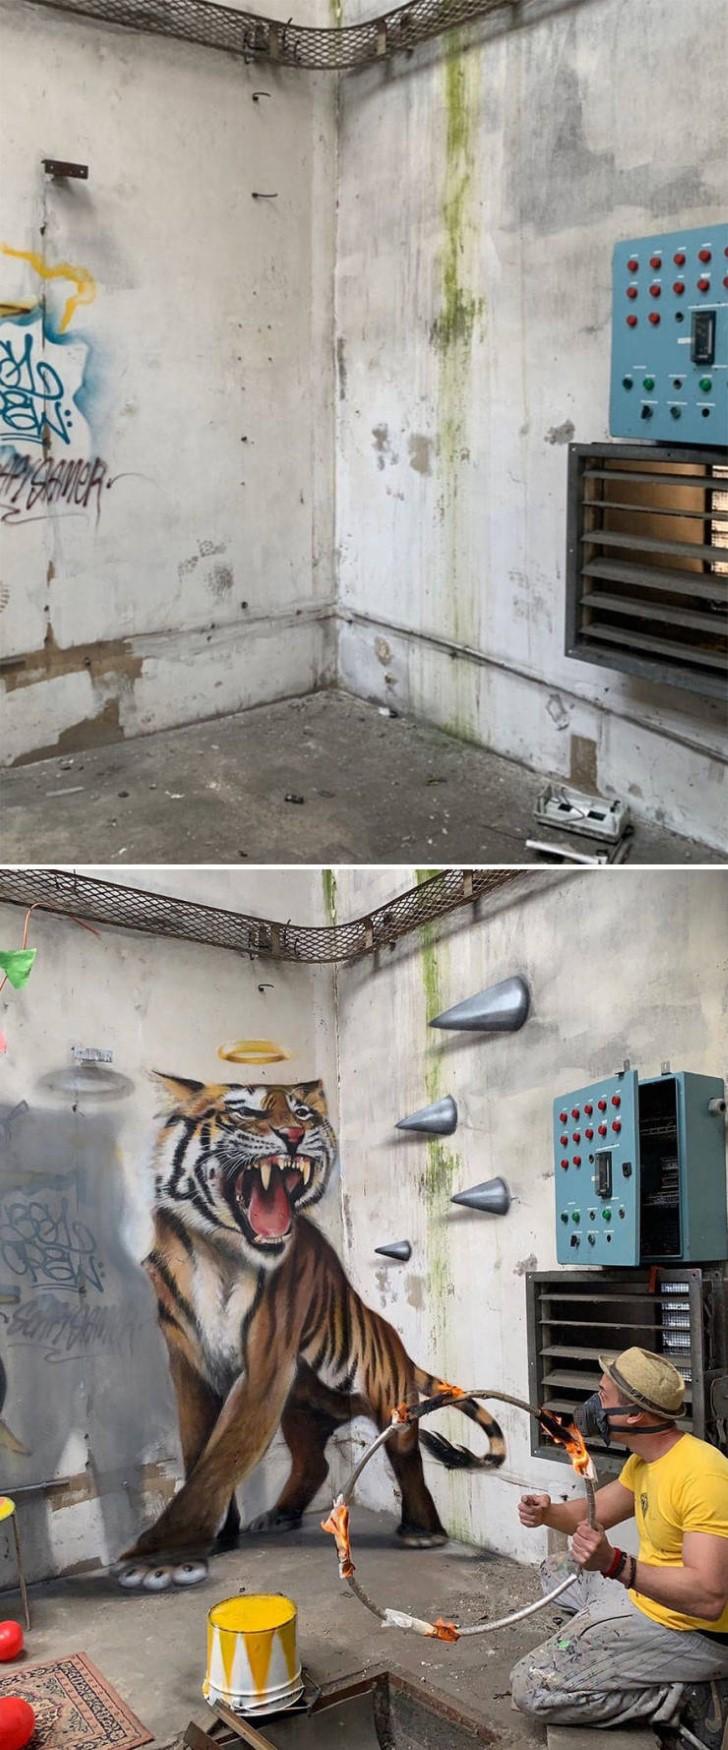 grafiti 3D ilusion opica scaf (45)